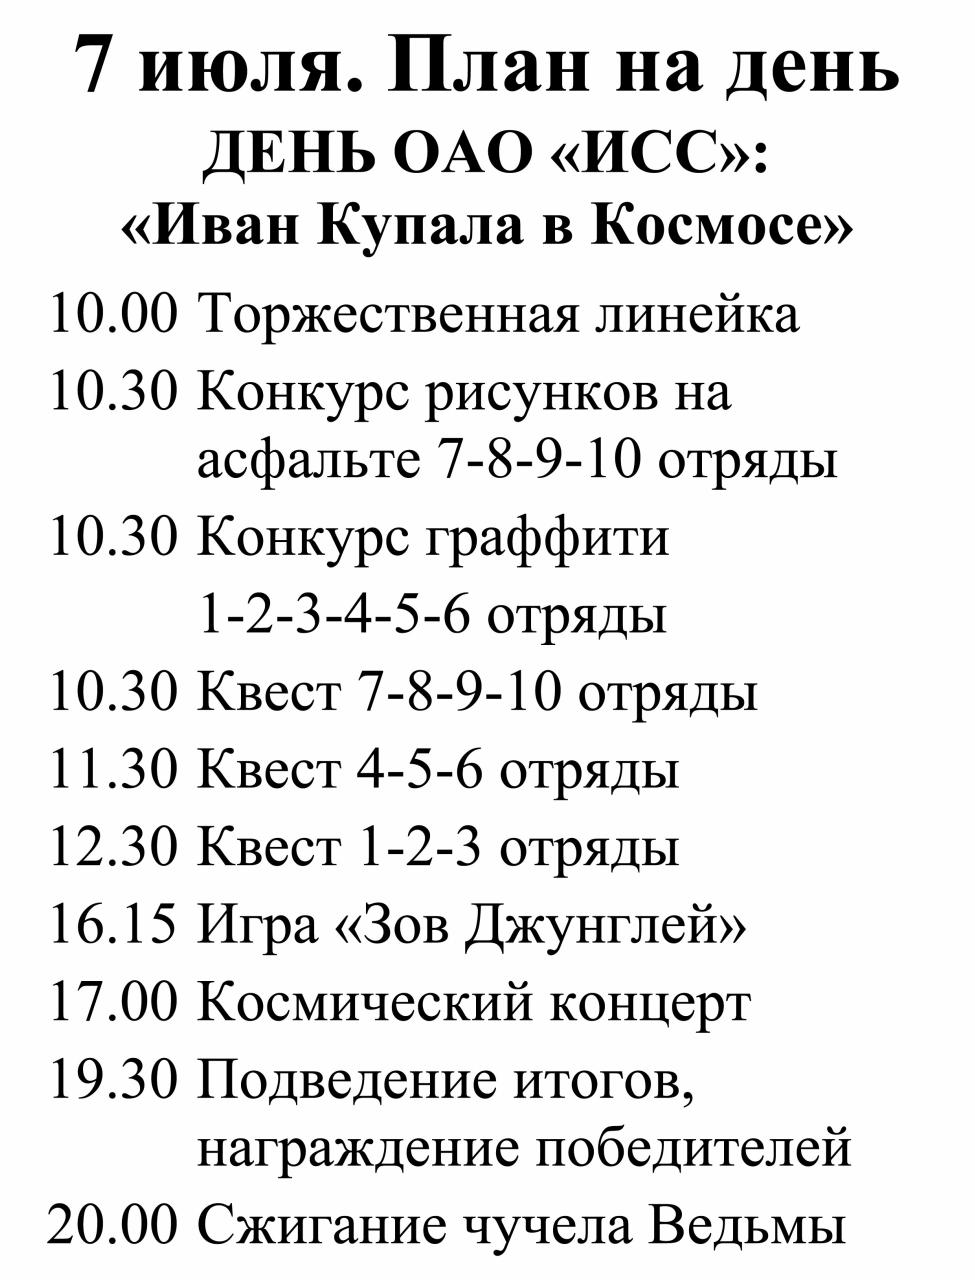 7 июля план на день.jpg